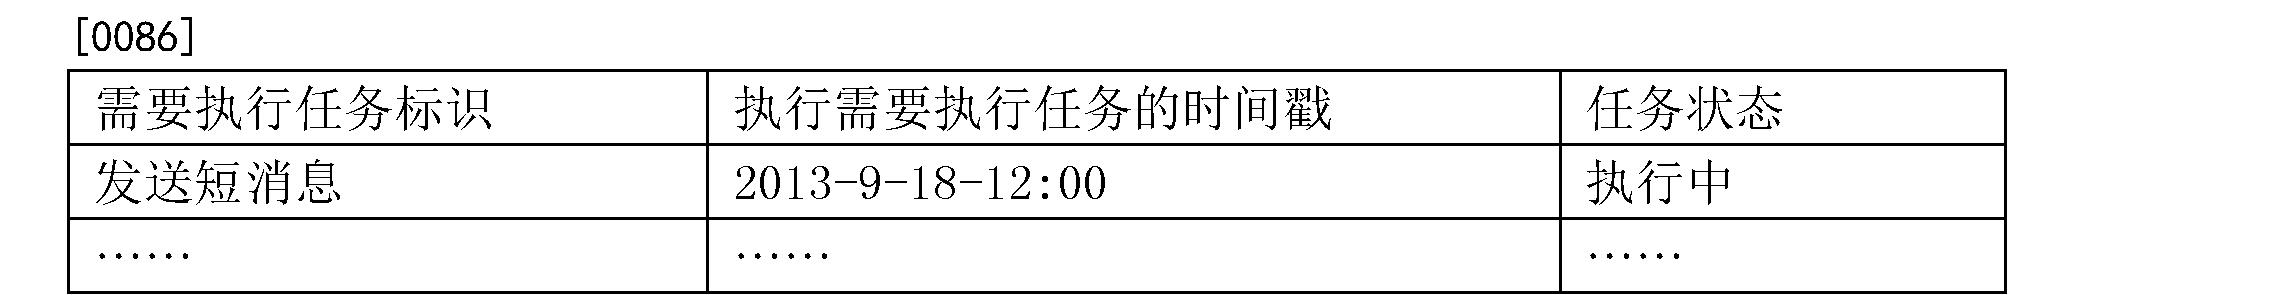 Figure CN104468174BD00081